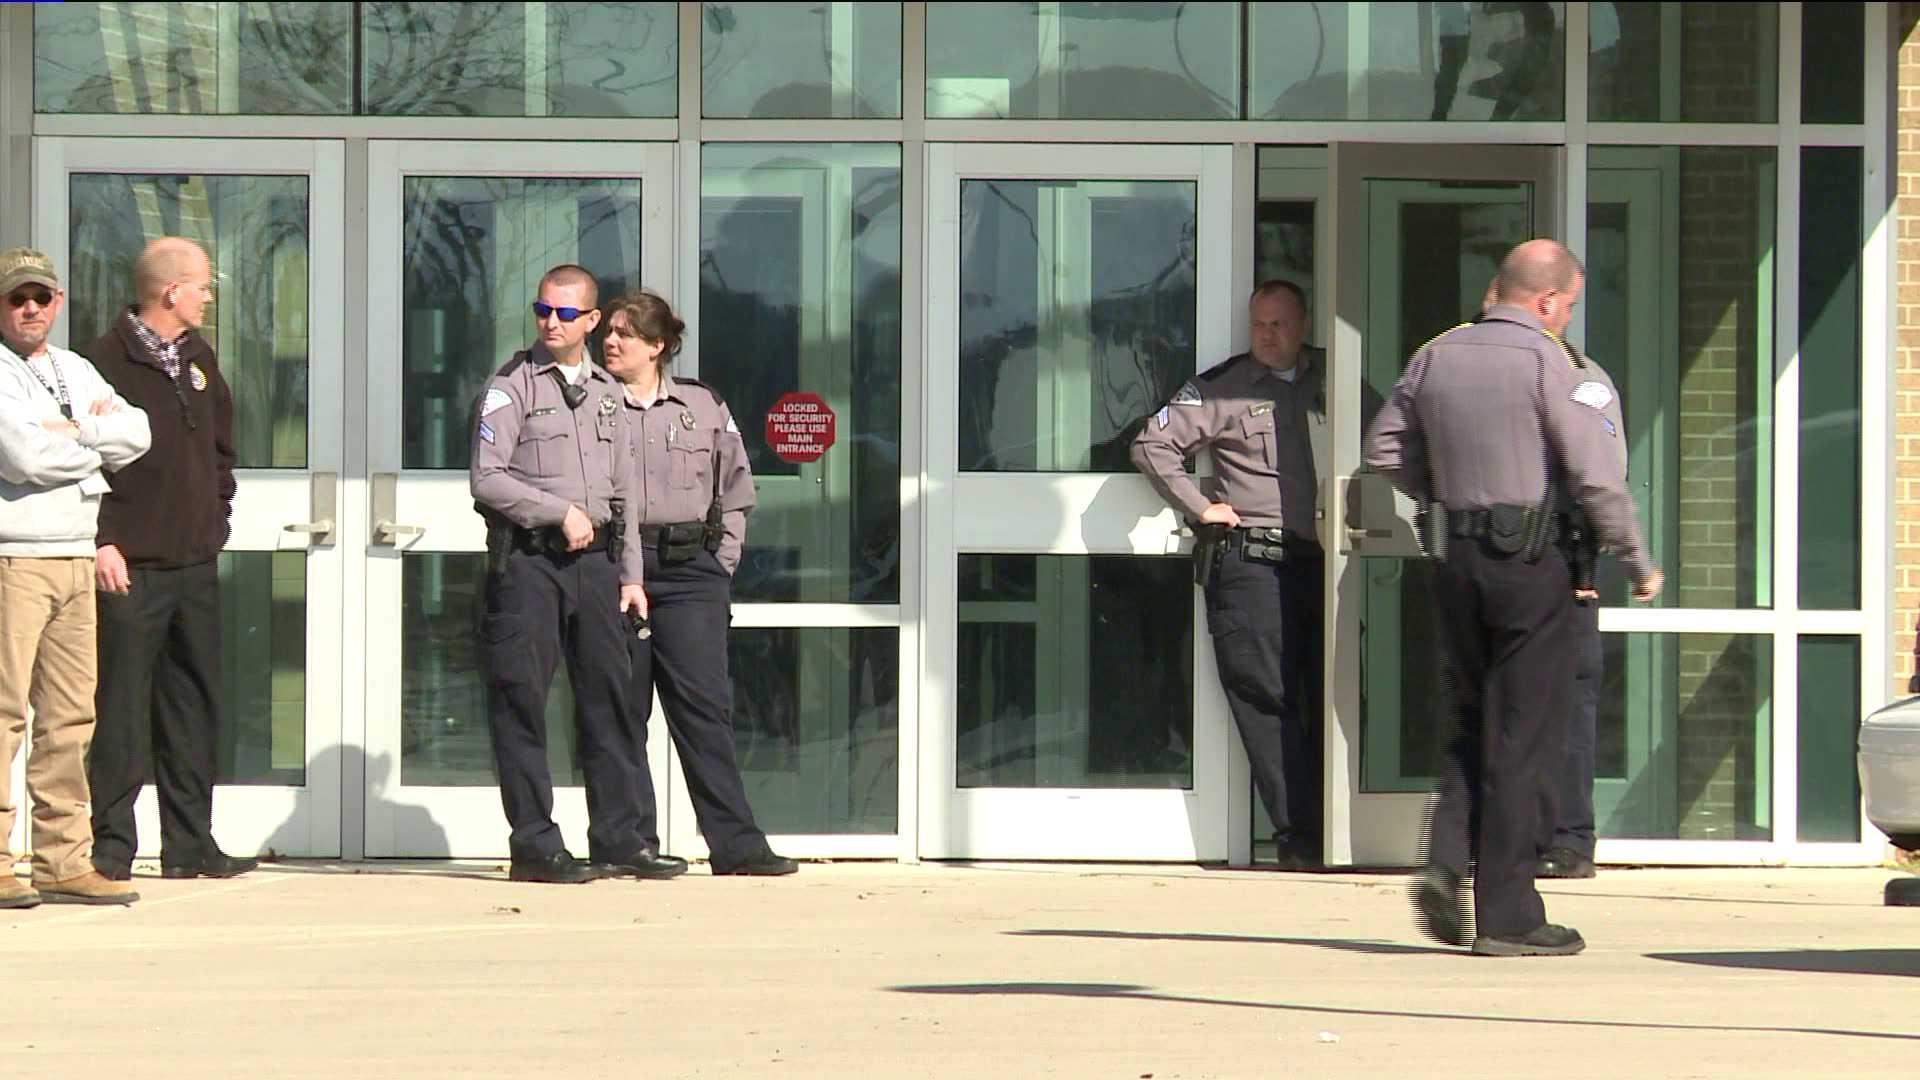 Van Buren High School Evacuated